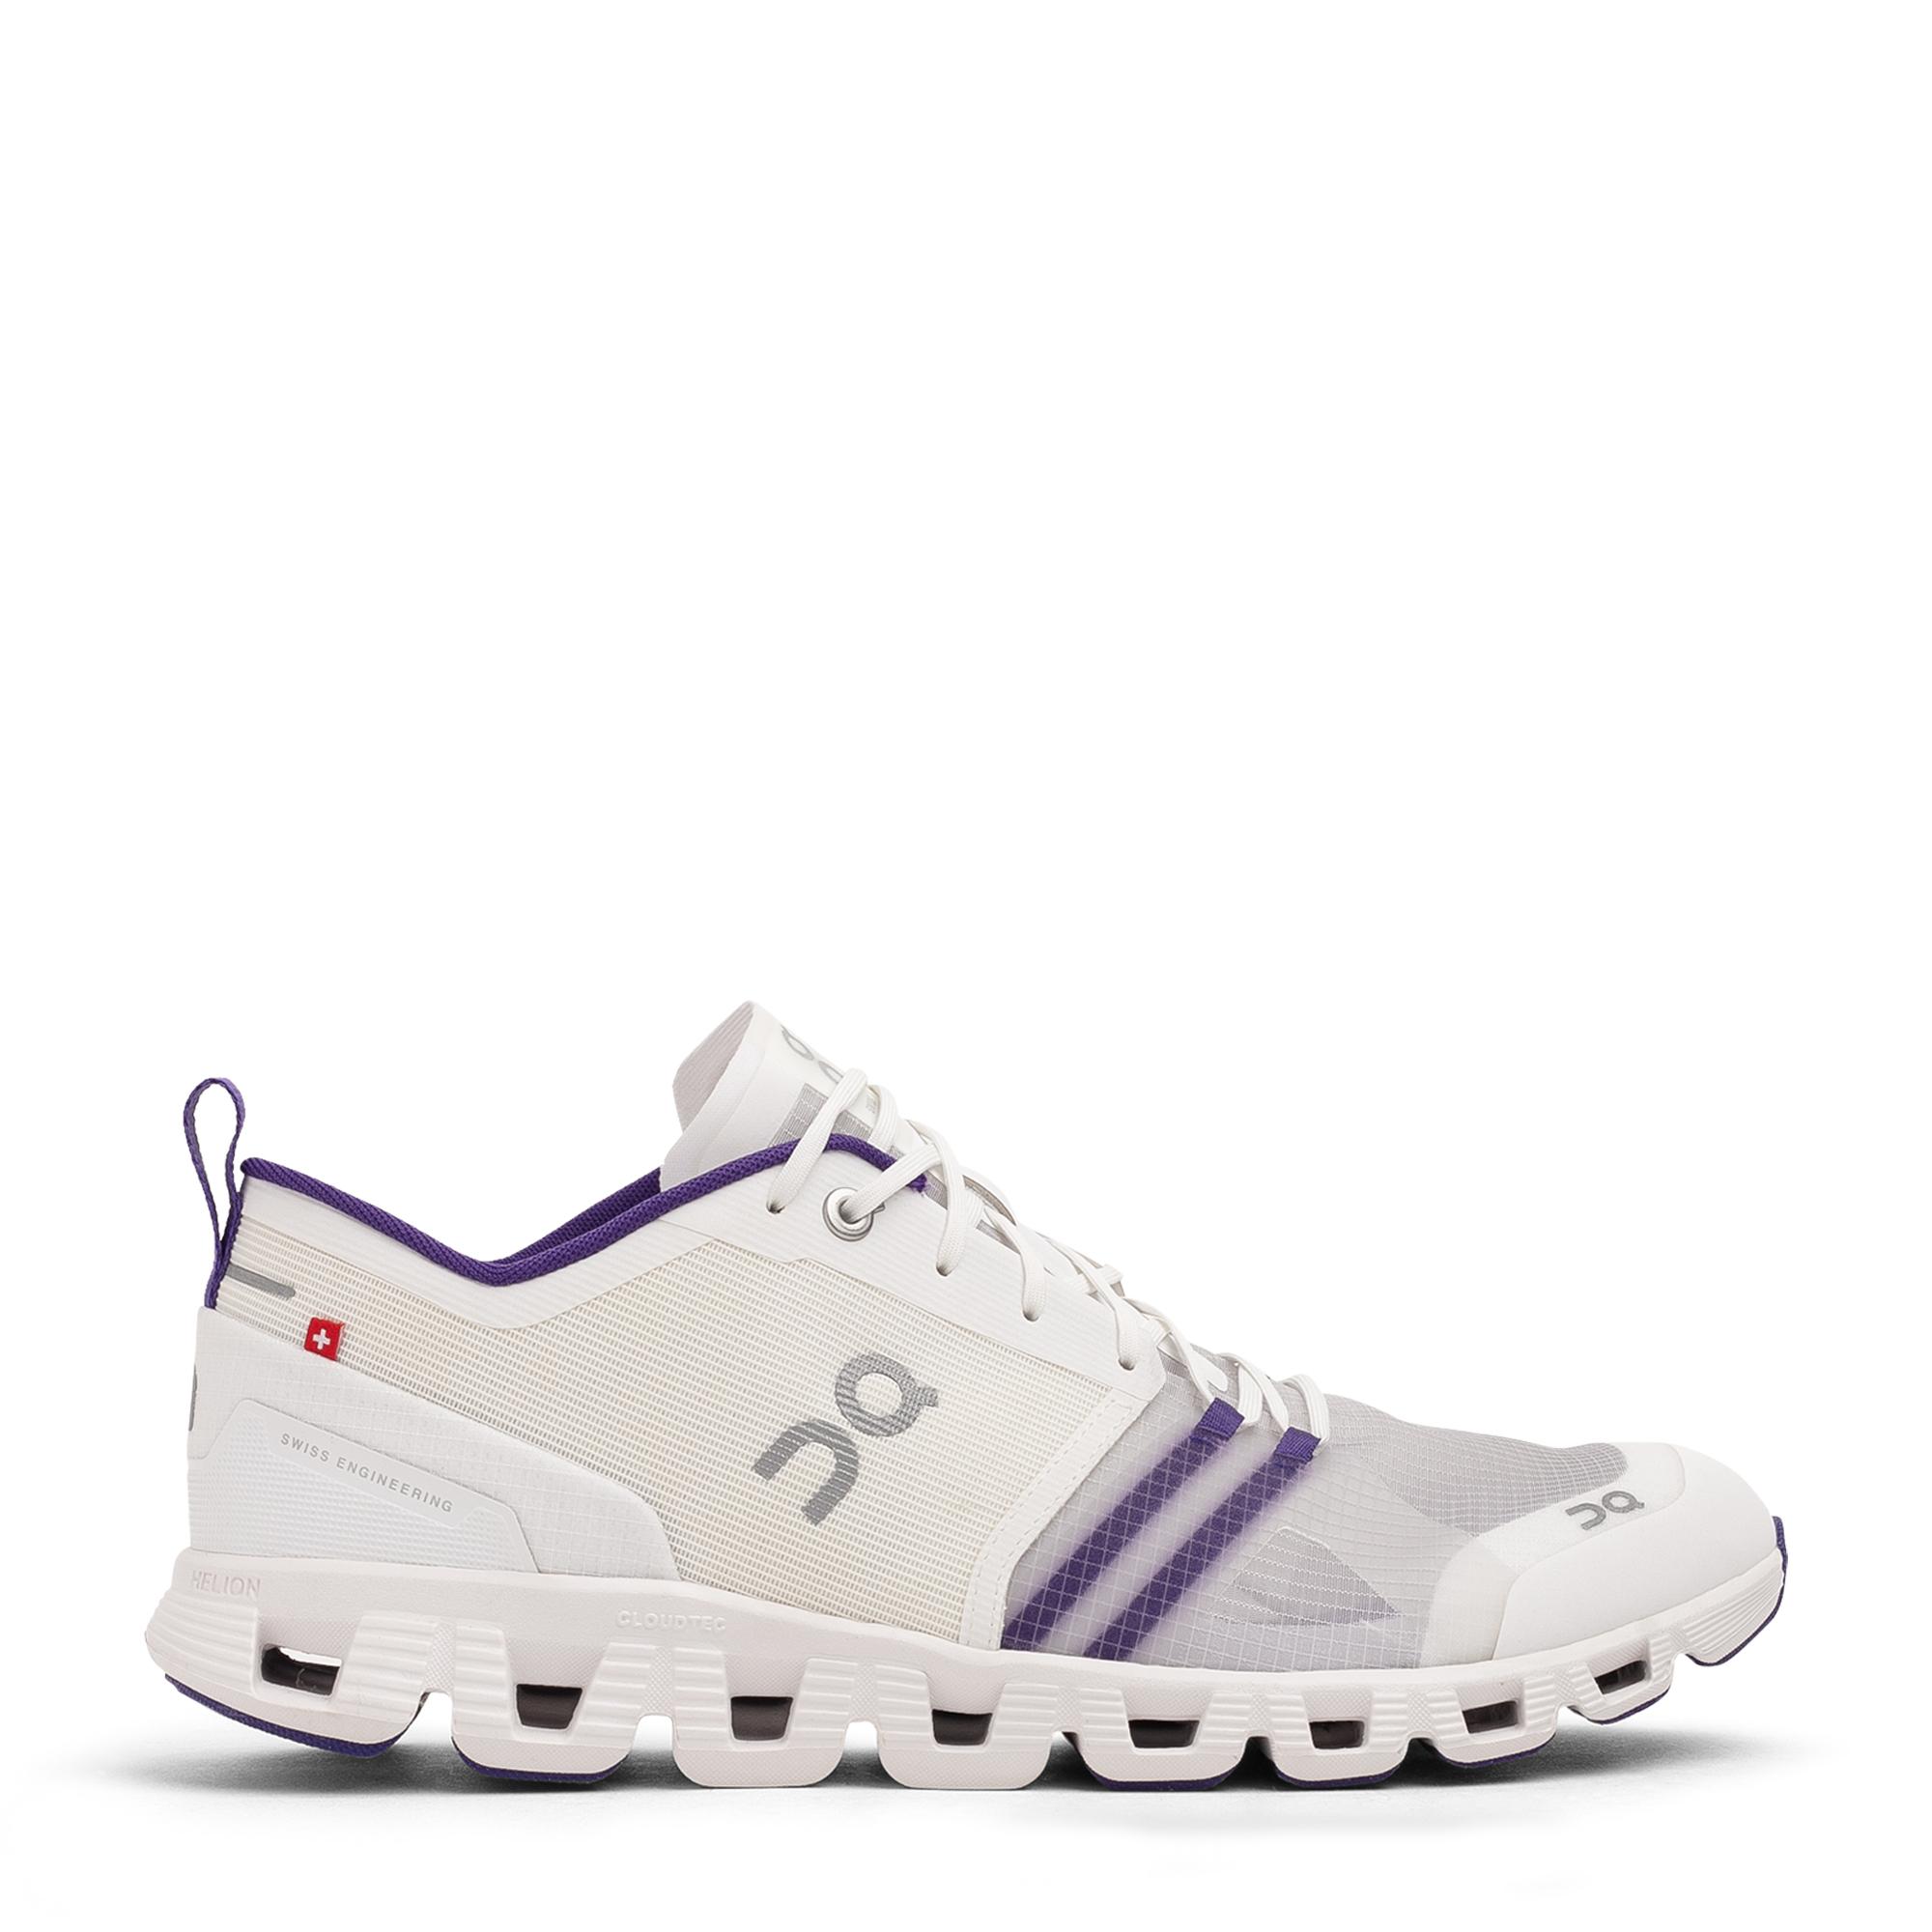 Cloud x Shift sneakers